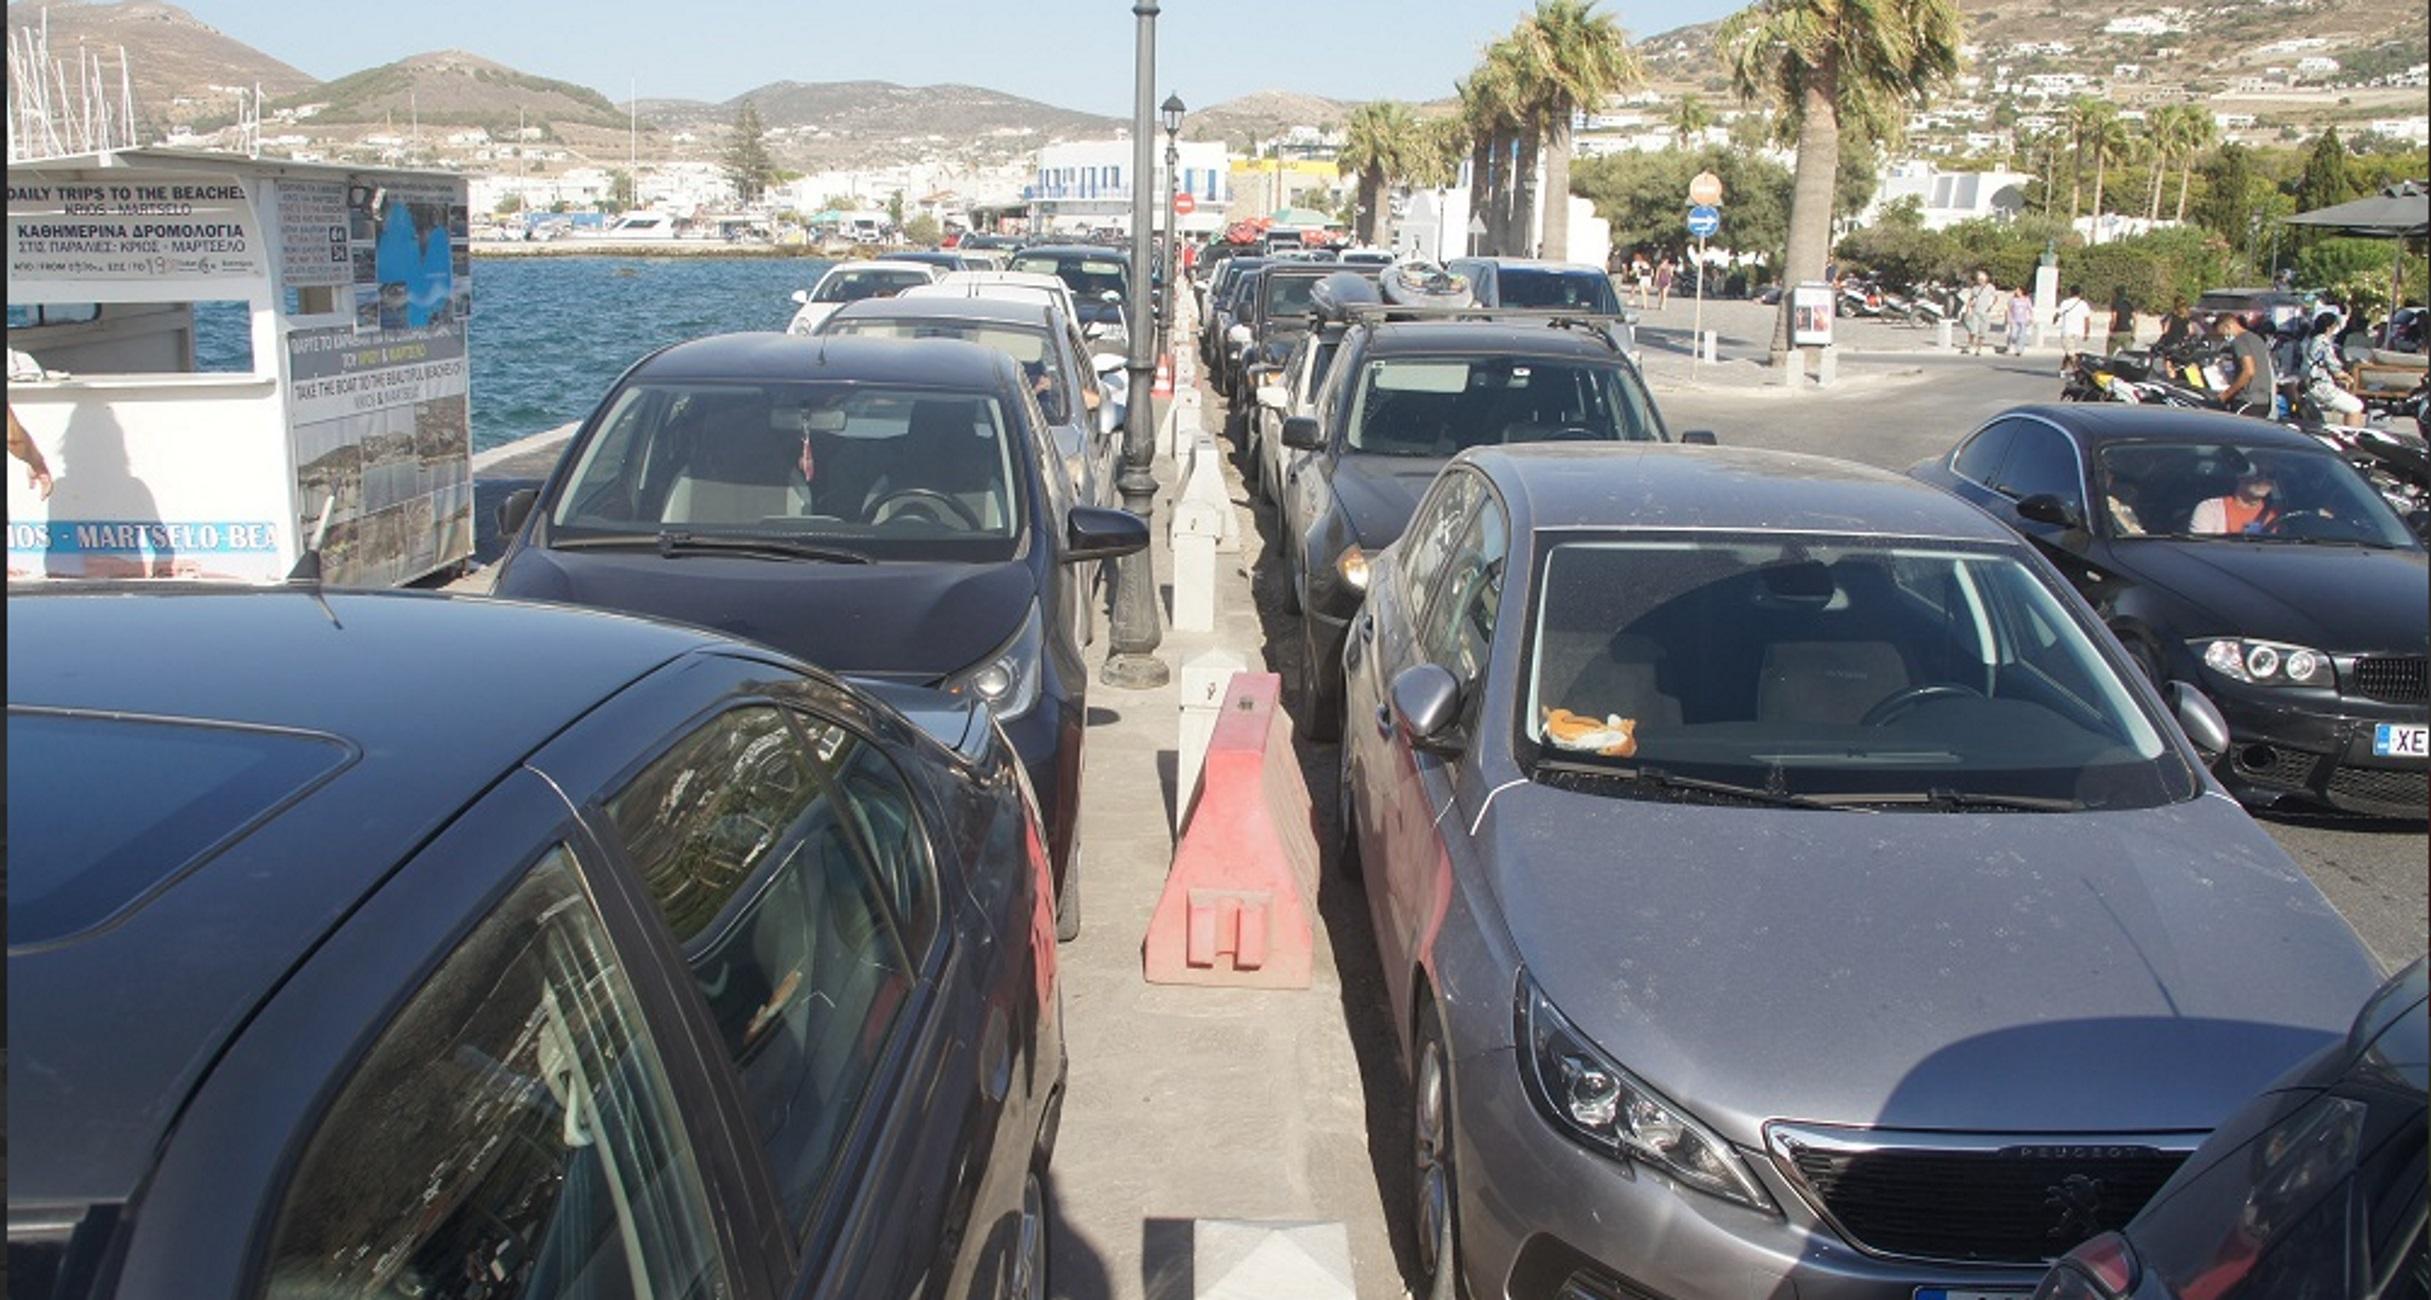 Πάρος: Το αδιαχώρητο στο λιμάνι με κυκλοφοριακό έμφραγμα στους γύρω δρόμους – Διακοπές τέλος